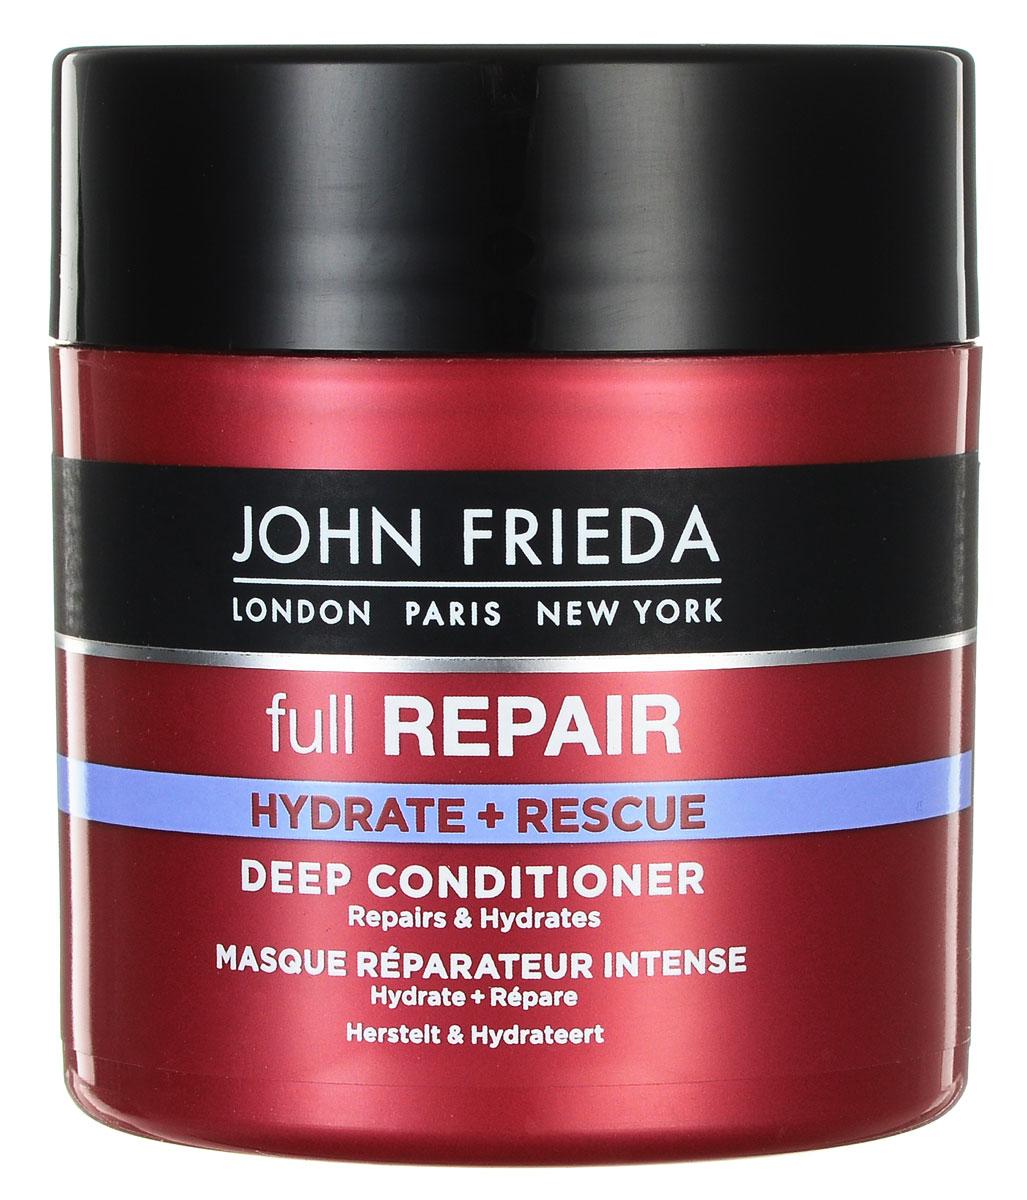 John Frieda Маска для волос Full Repair, восстанавливающая и увлажняющая, 150 млFS-00897Интенсивная восстанавливающая формула маски для волос Full Repair от John Frieda с драгоценным маслом Инка Инчи проникает глубоко в структуру волос б восстанавливает внешний вид и состояние поврежденных волос, предотвращая их ломкость. Товар сертифицирован.